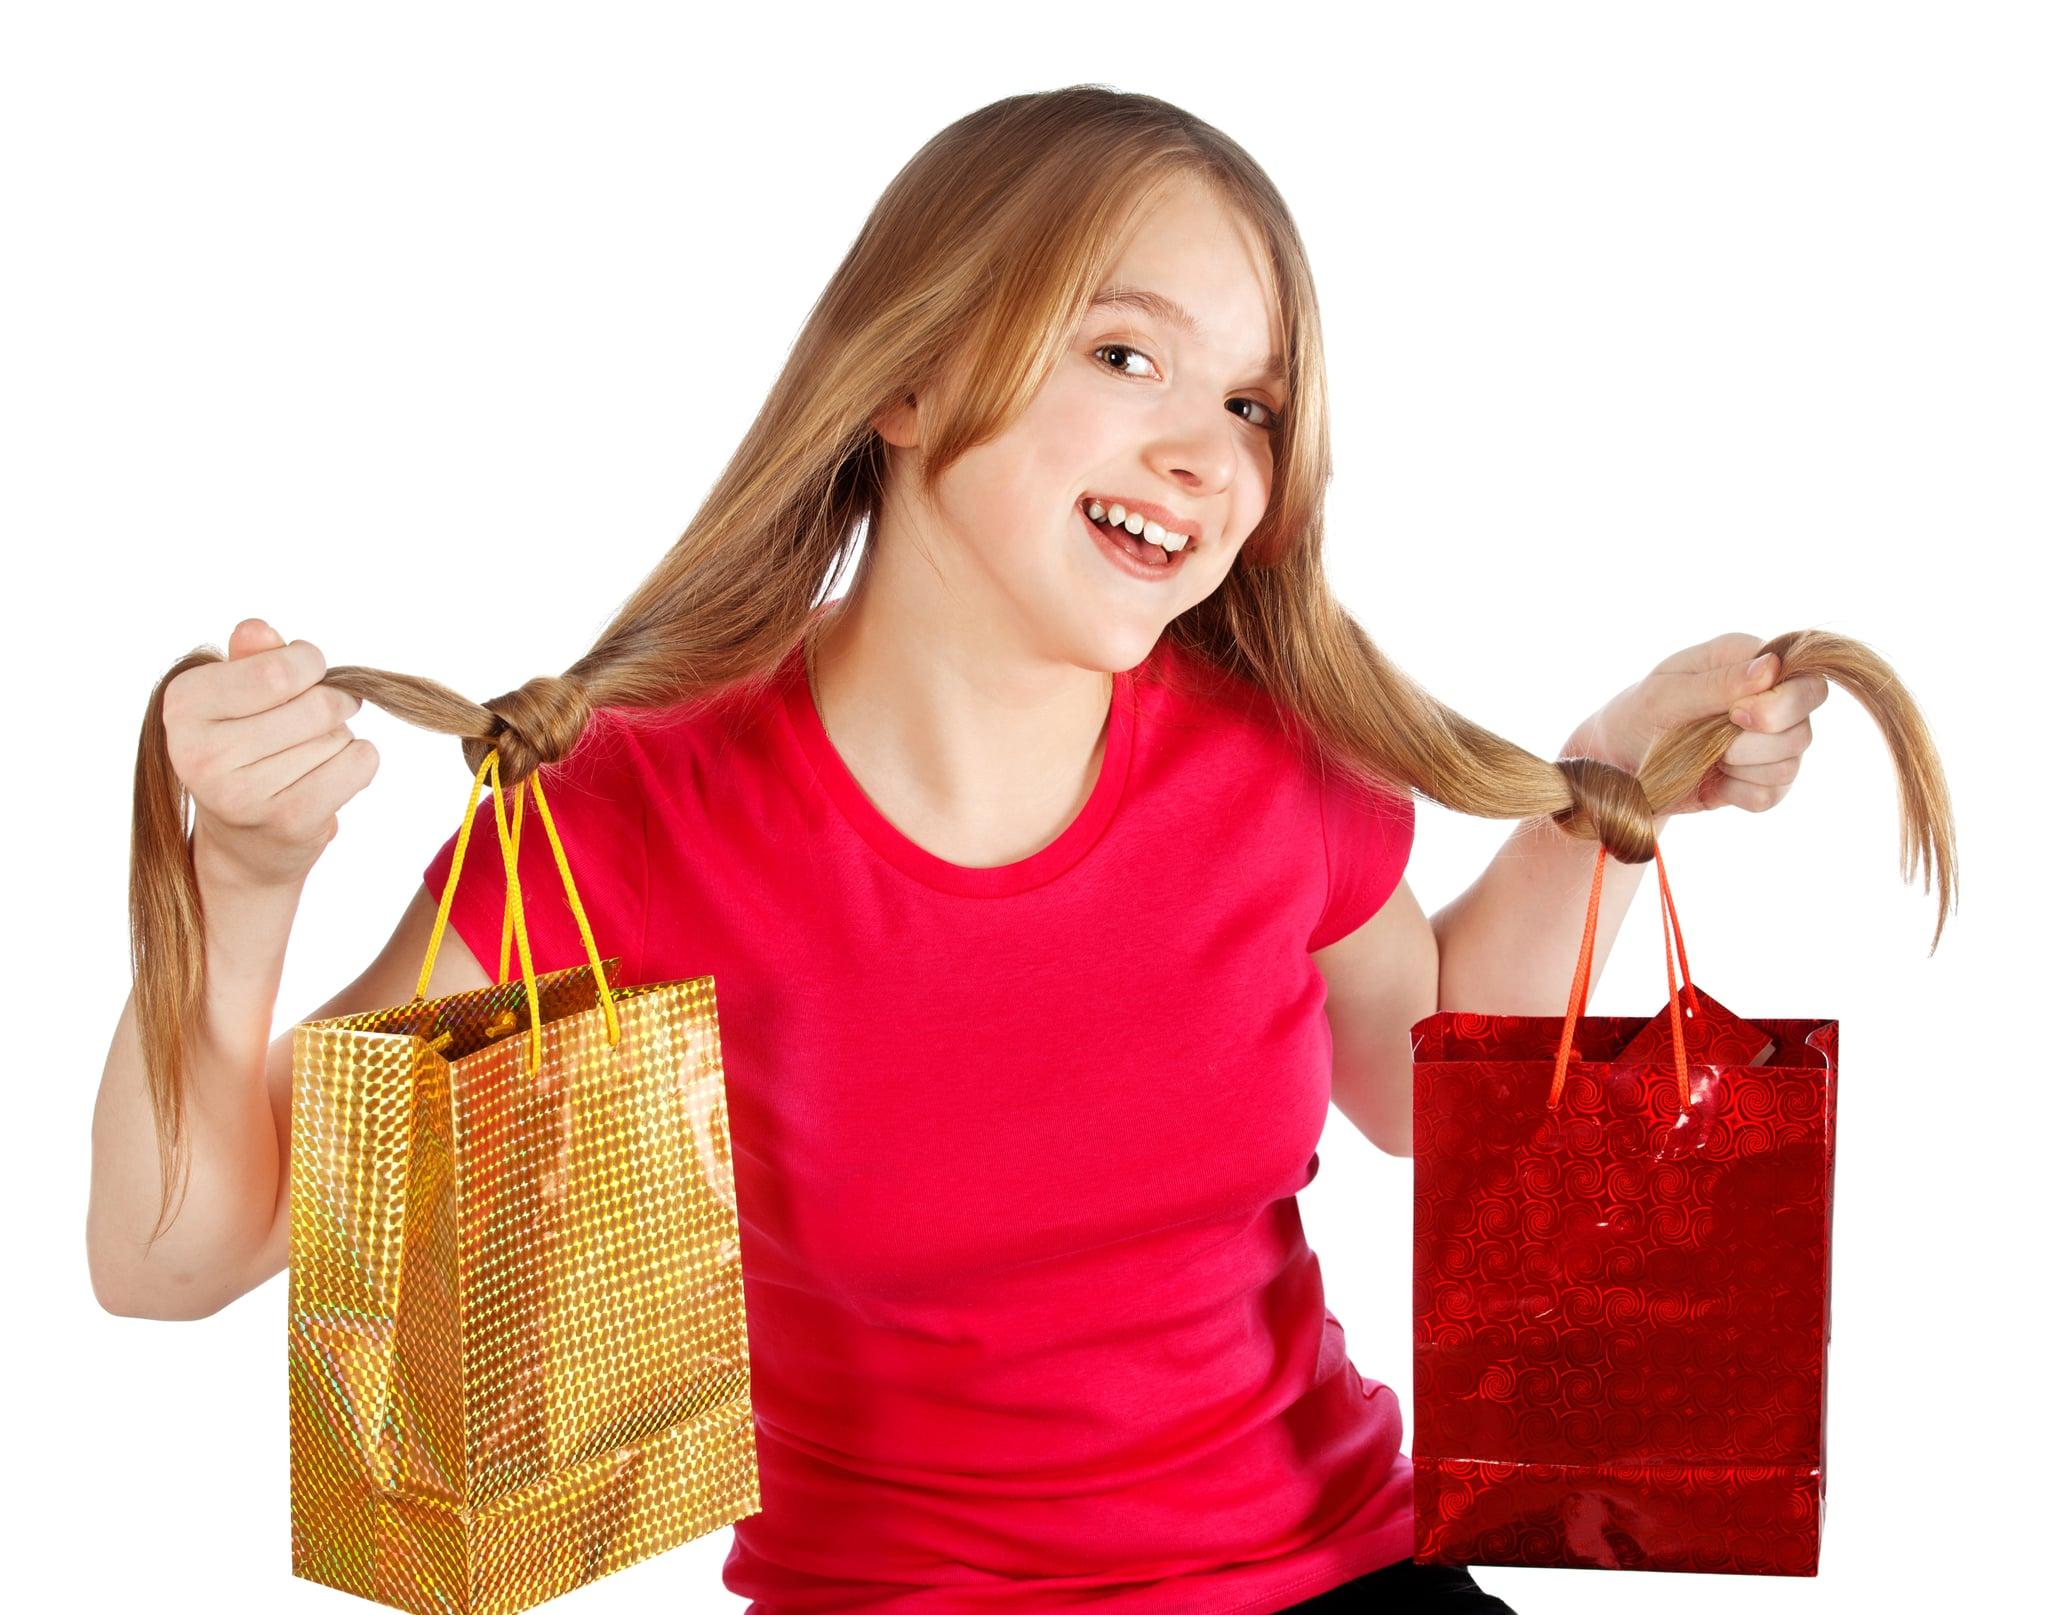 Shopping Bags as Hair Accessories